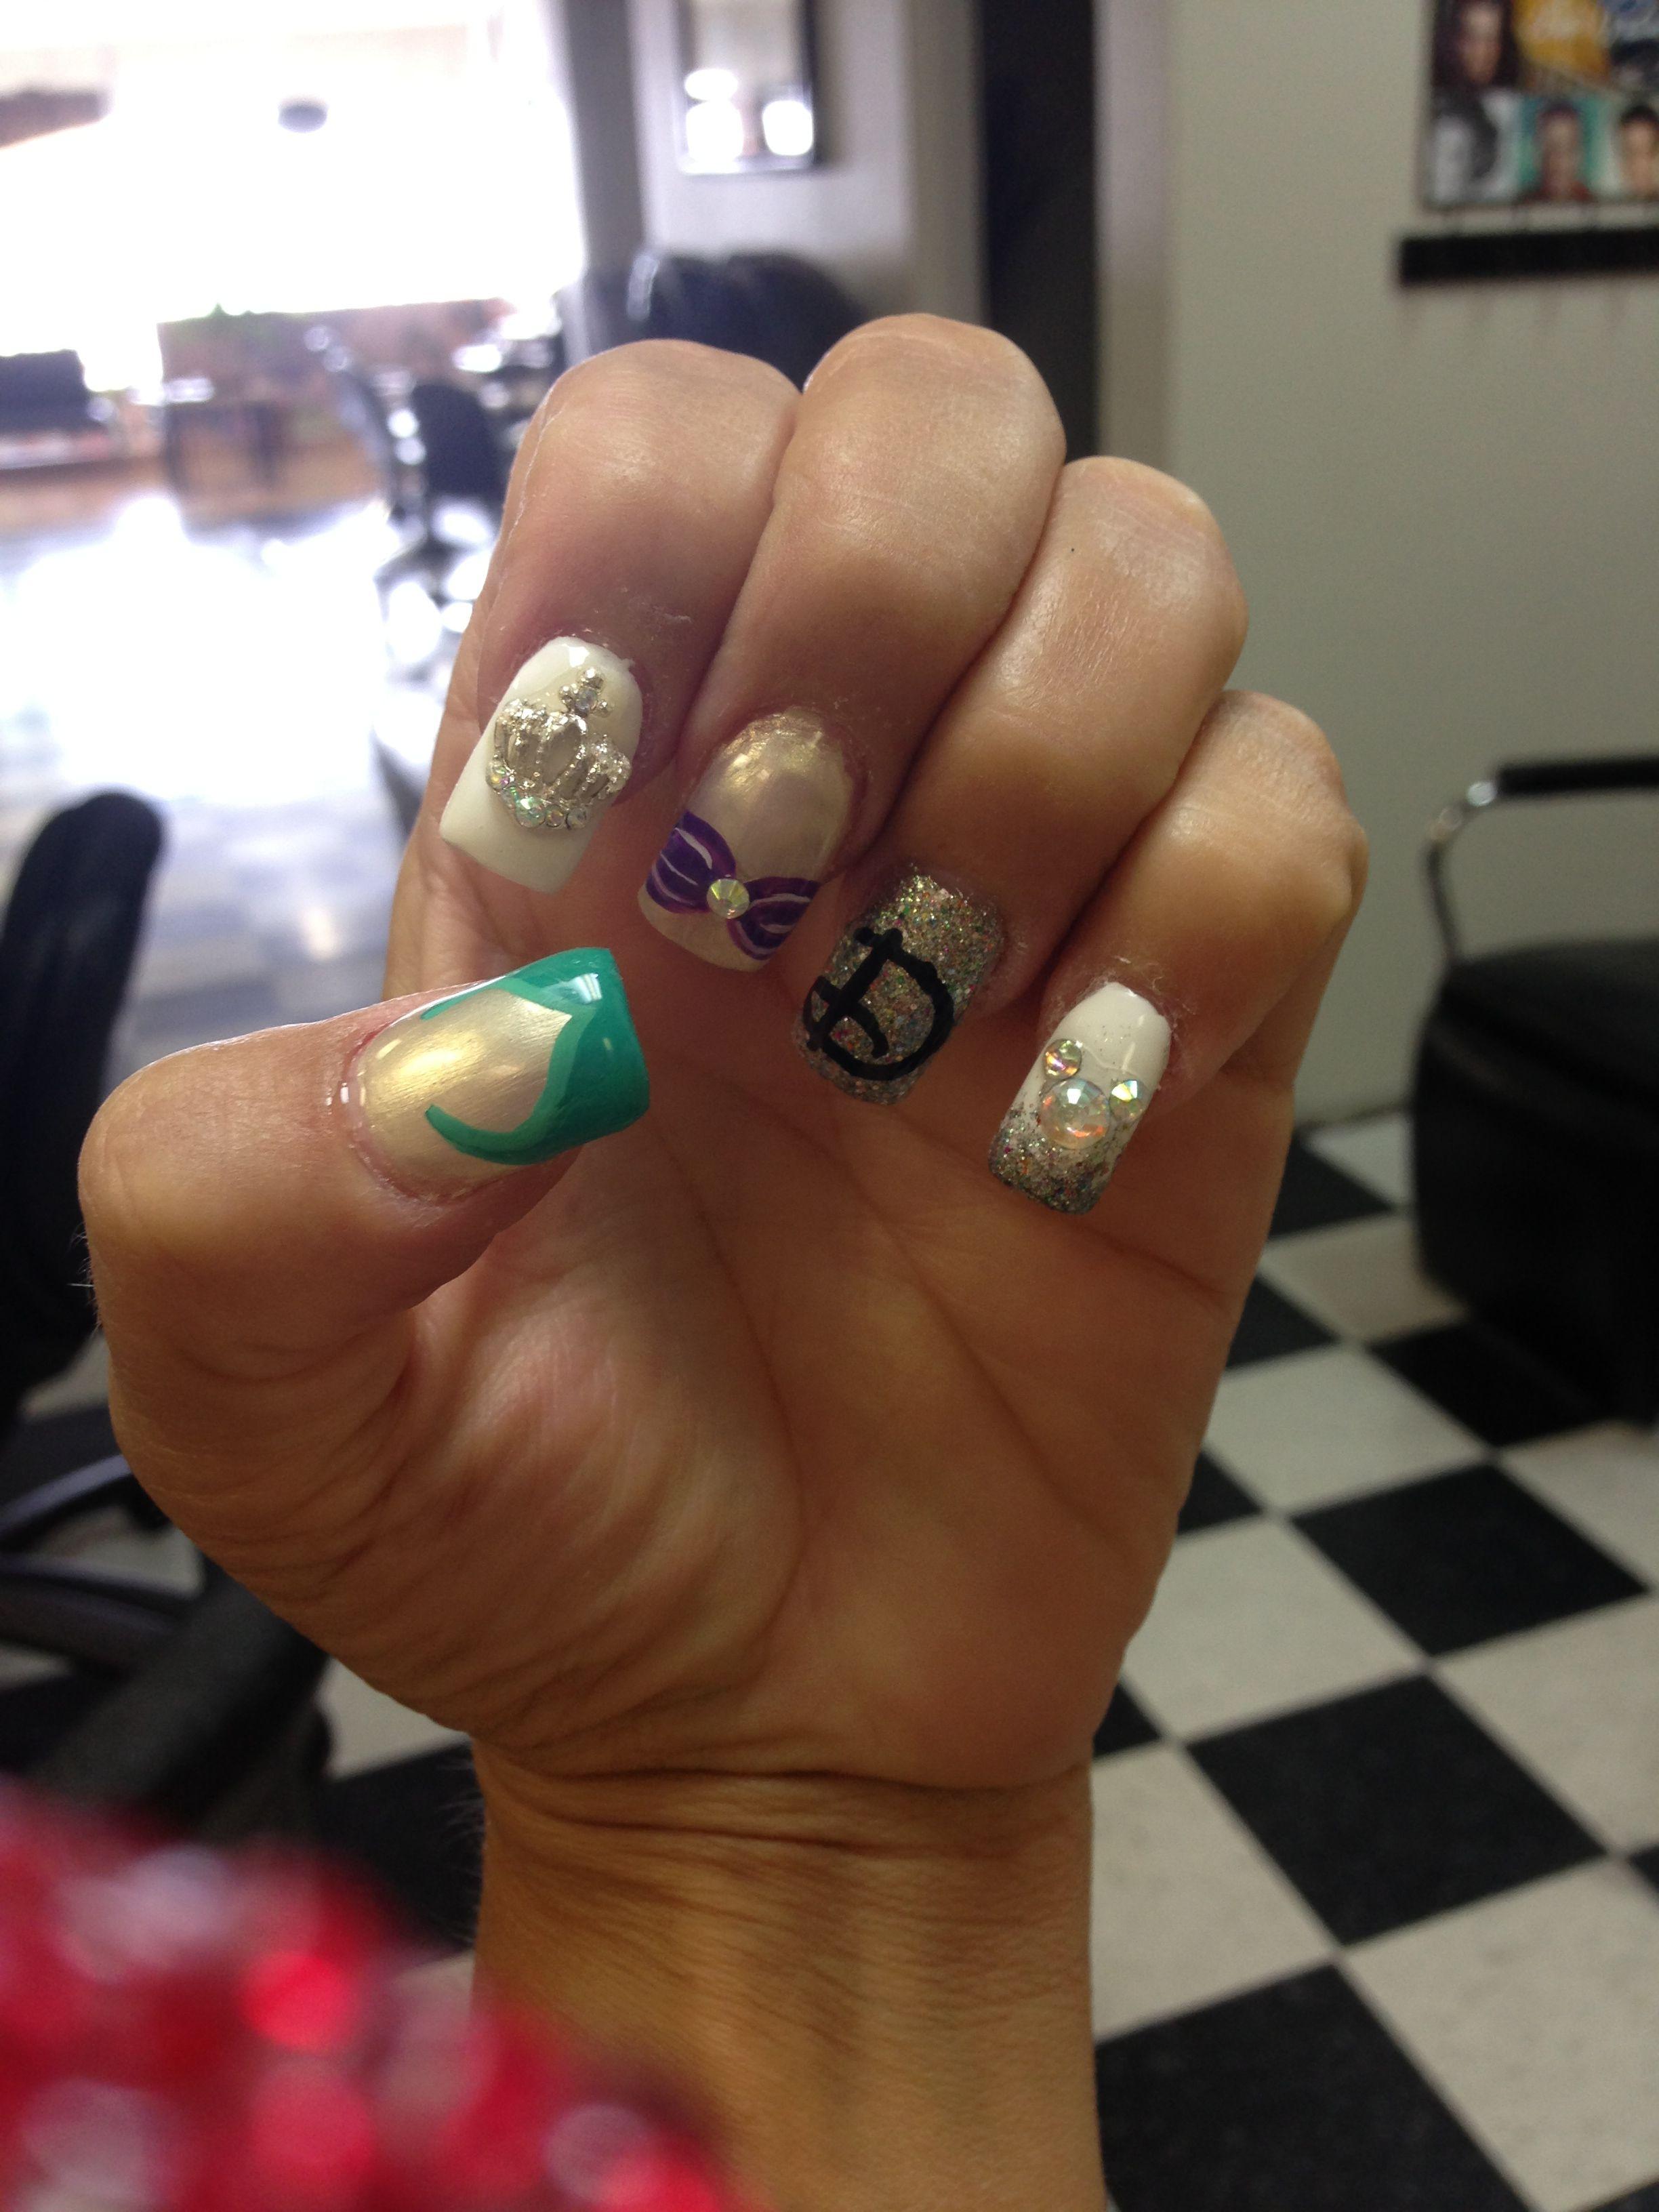 Disney Ariel nails   Nails, Makeup nails, Disney ariel